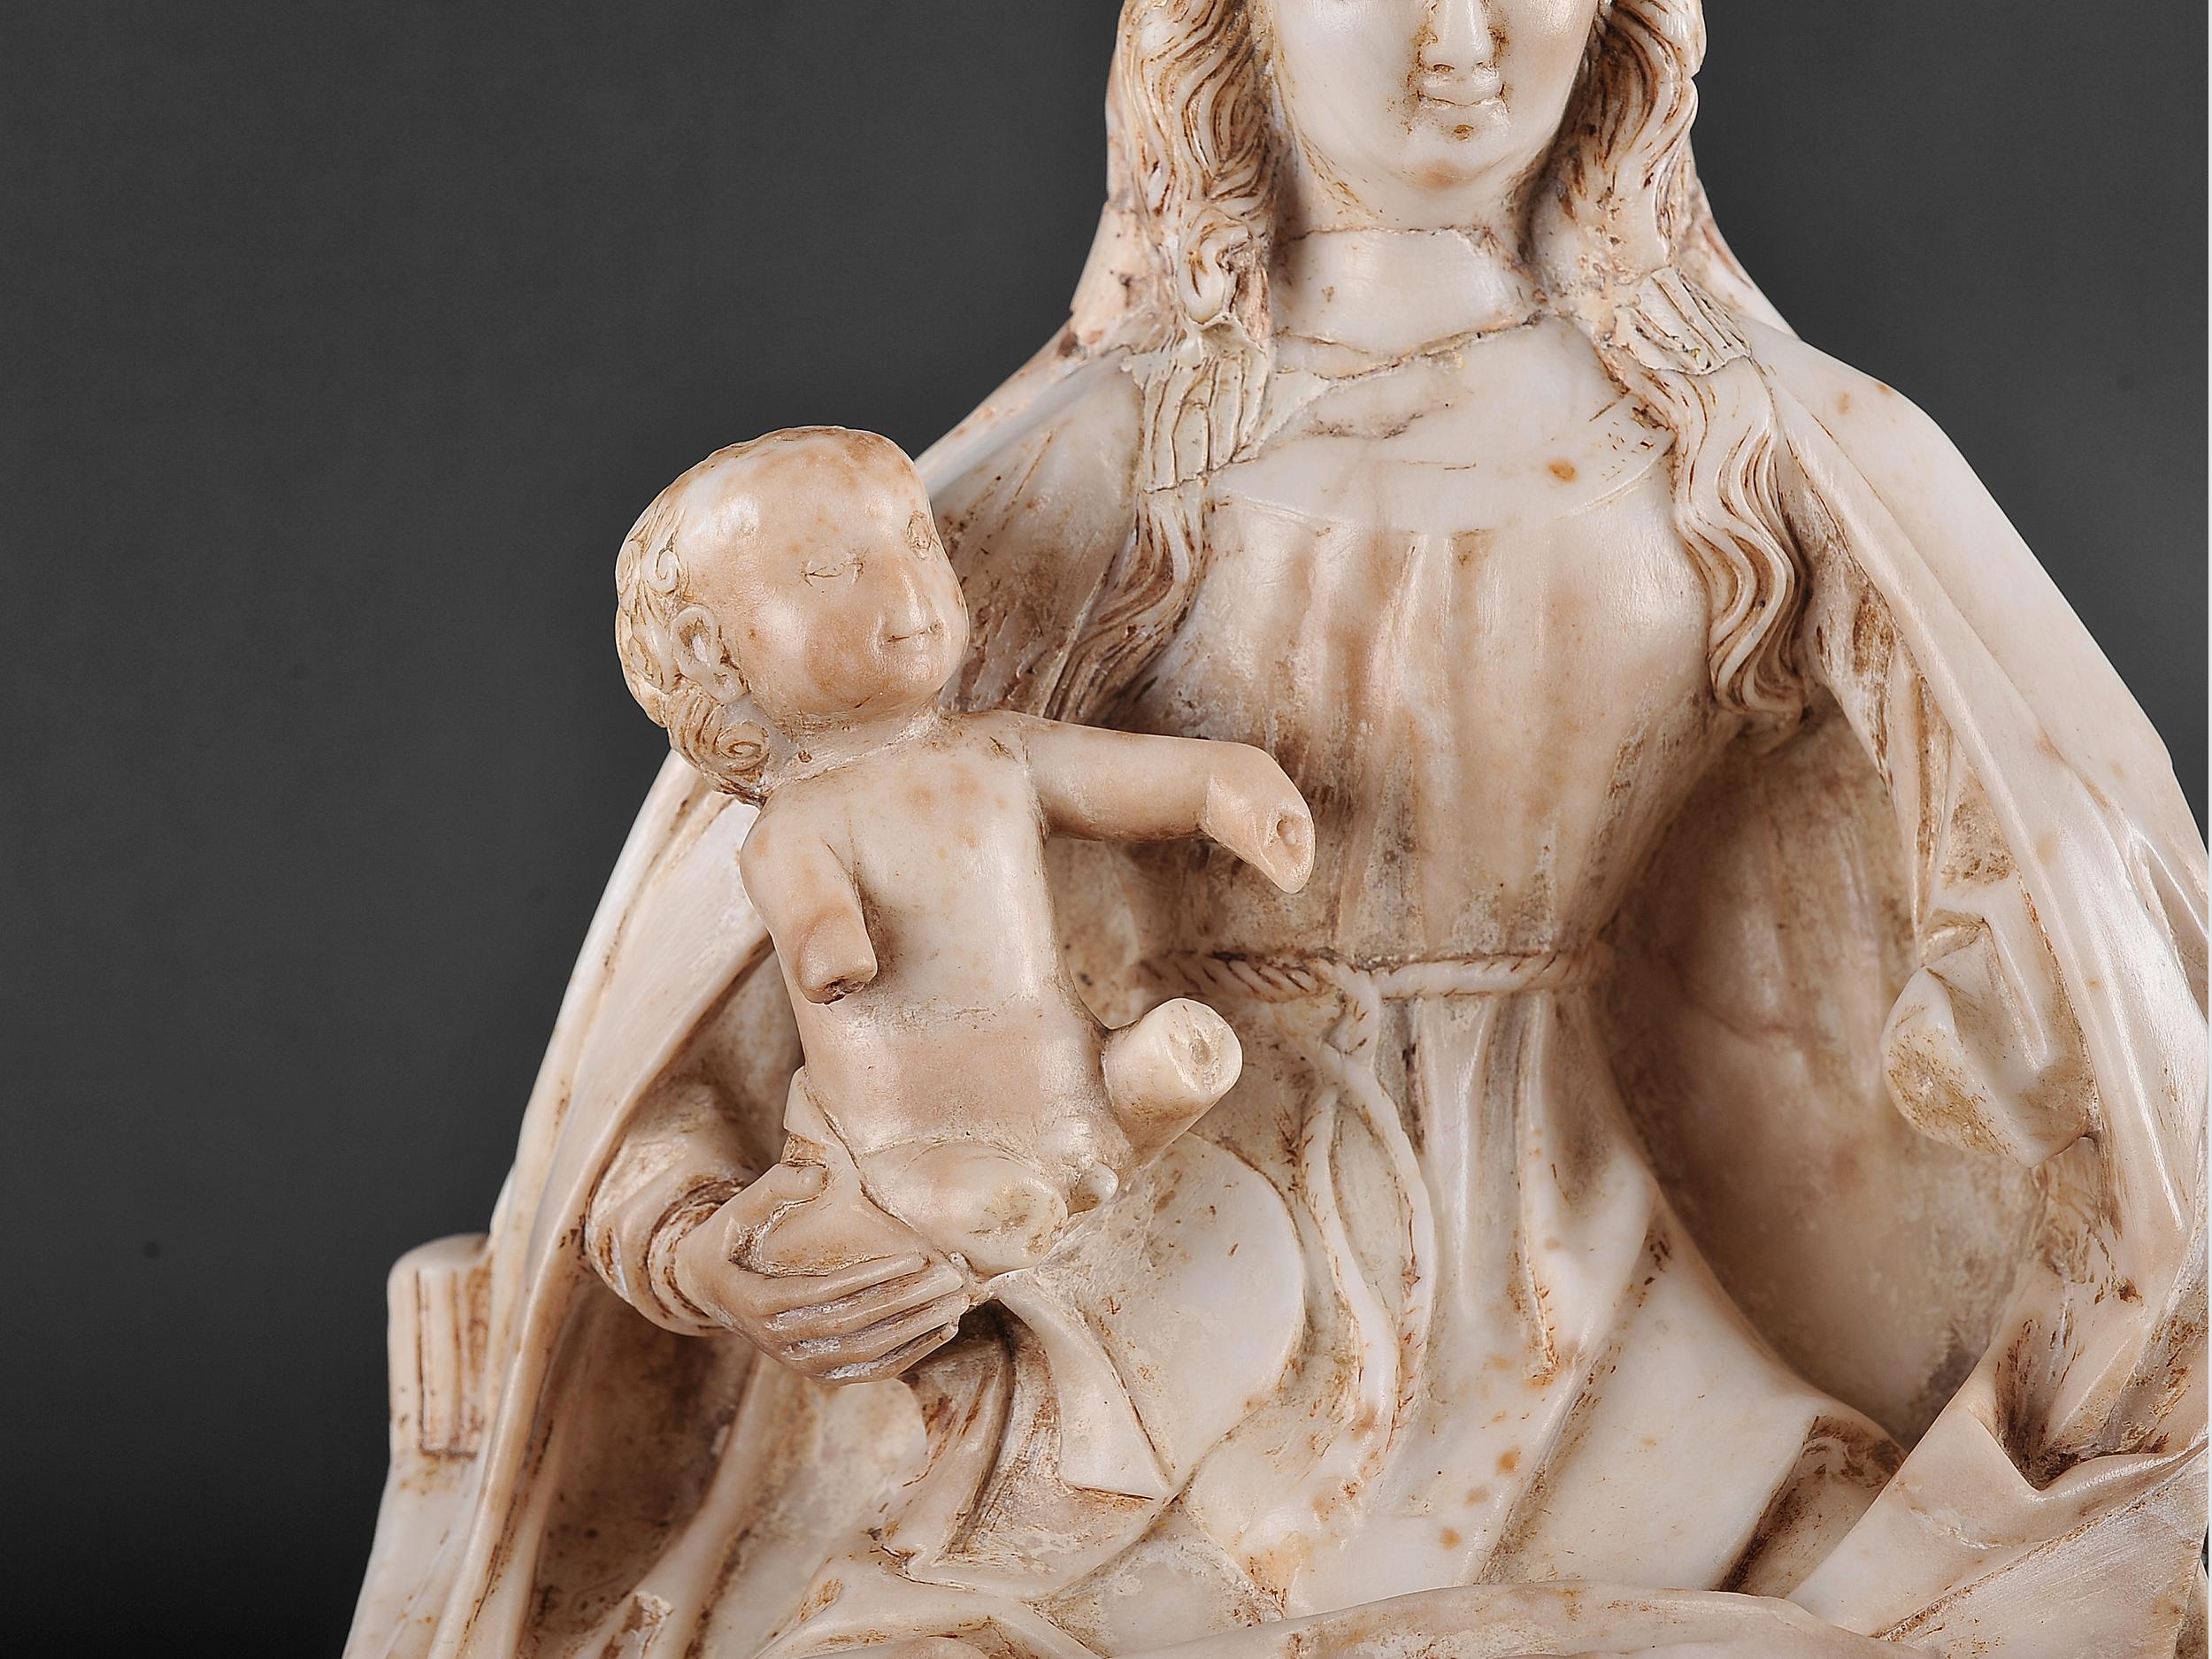 Gil de Siloe, Antwerpen 1440 – 1501 Burgos (und Werkstatt), Sitzende Madonna, um 1485/90 - Image 11 of 25